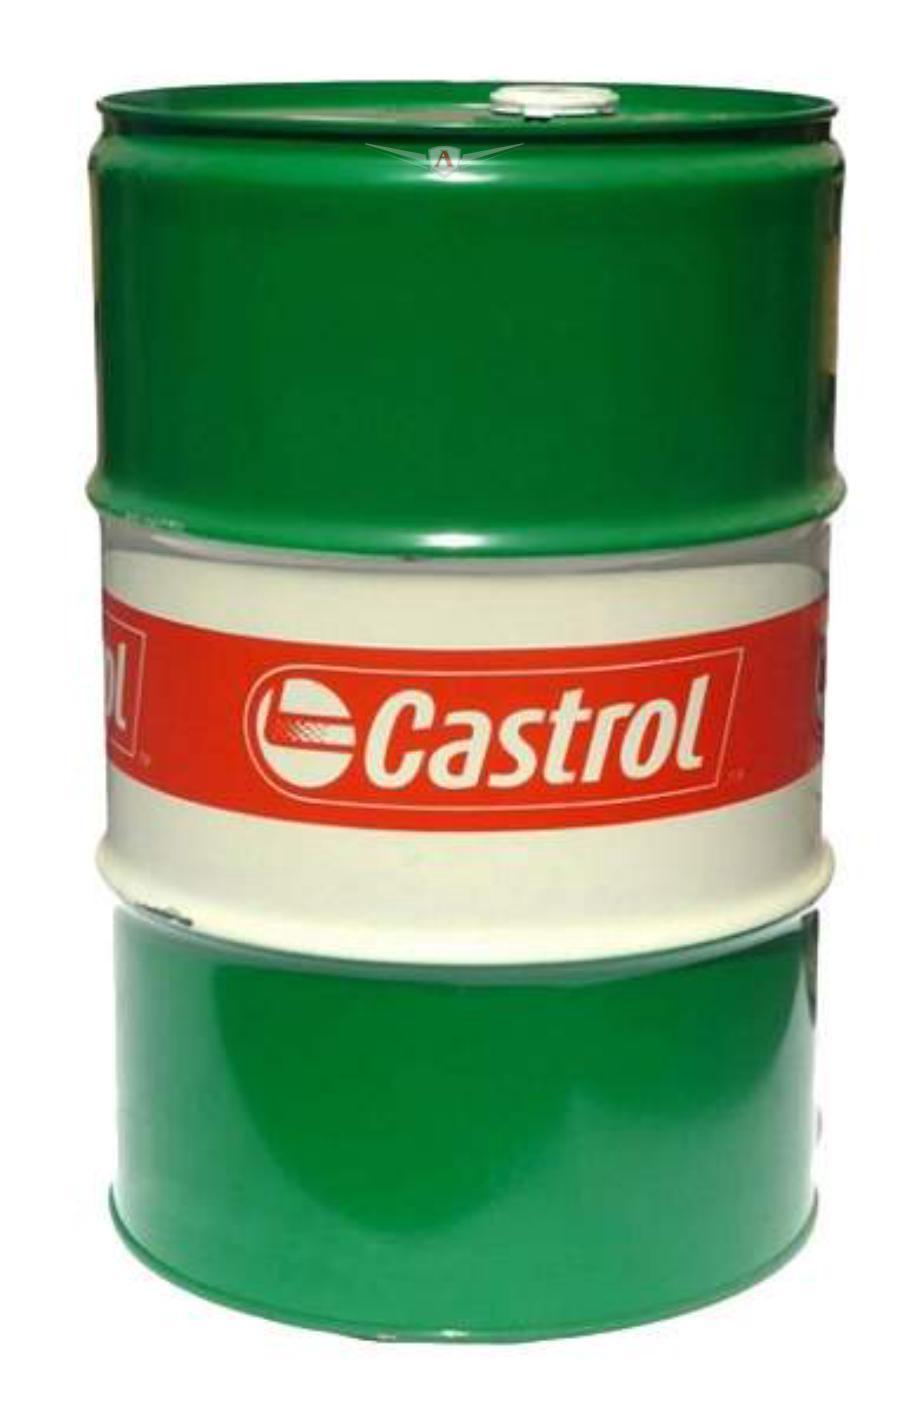 Моторное масло Castrol EDGE Professional OE 5W-30 синтетическое, 60 л